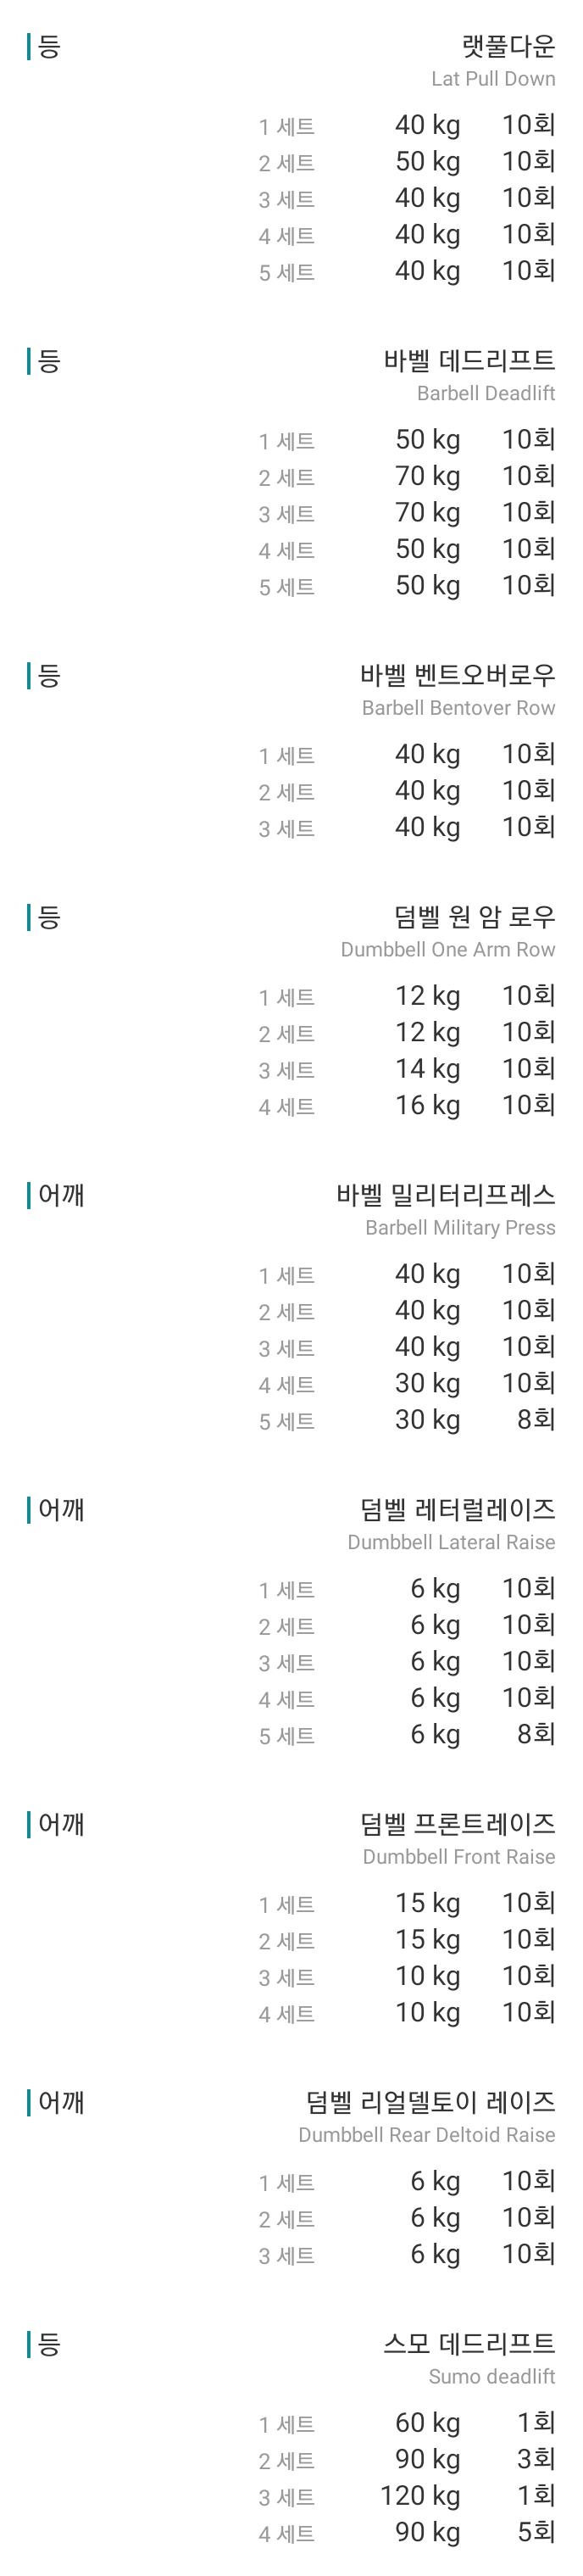 마포헬린이 오운 - 건강/아싸/돼지 - 에펨코리아